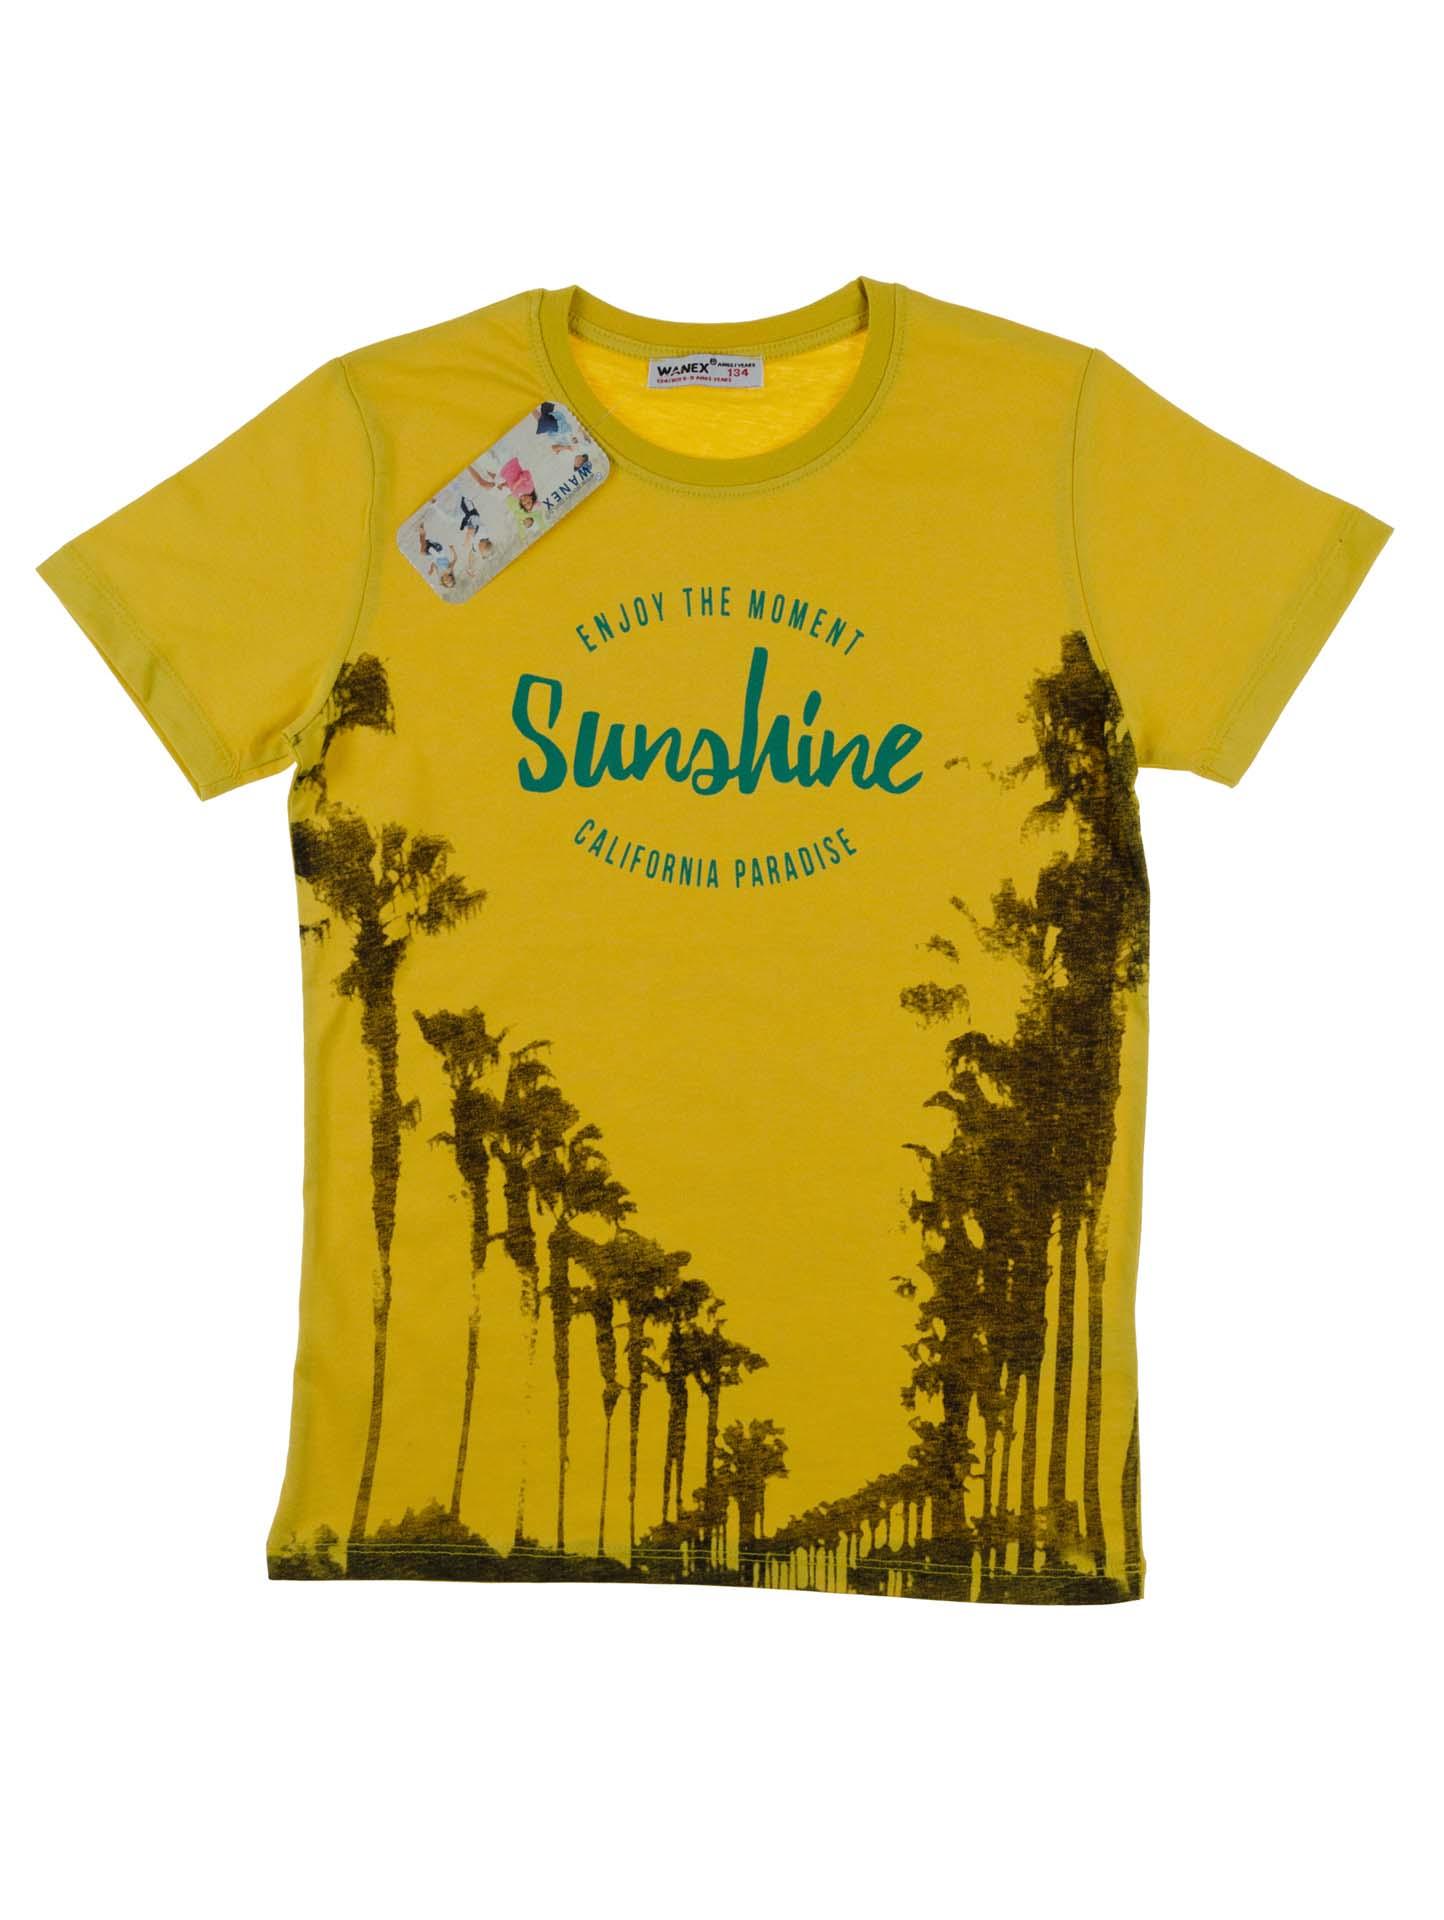 4f148c917162 Детская одежда Wanex, Турция | Top Shelf | Купить детскую одежду ...